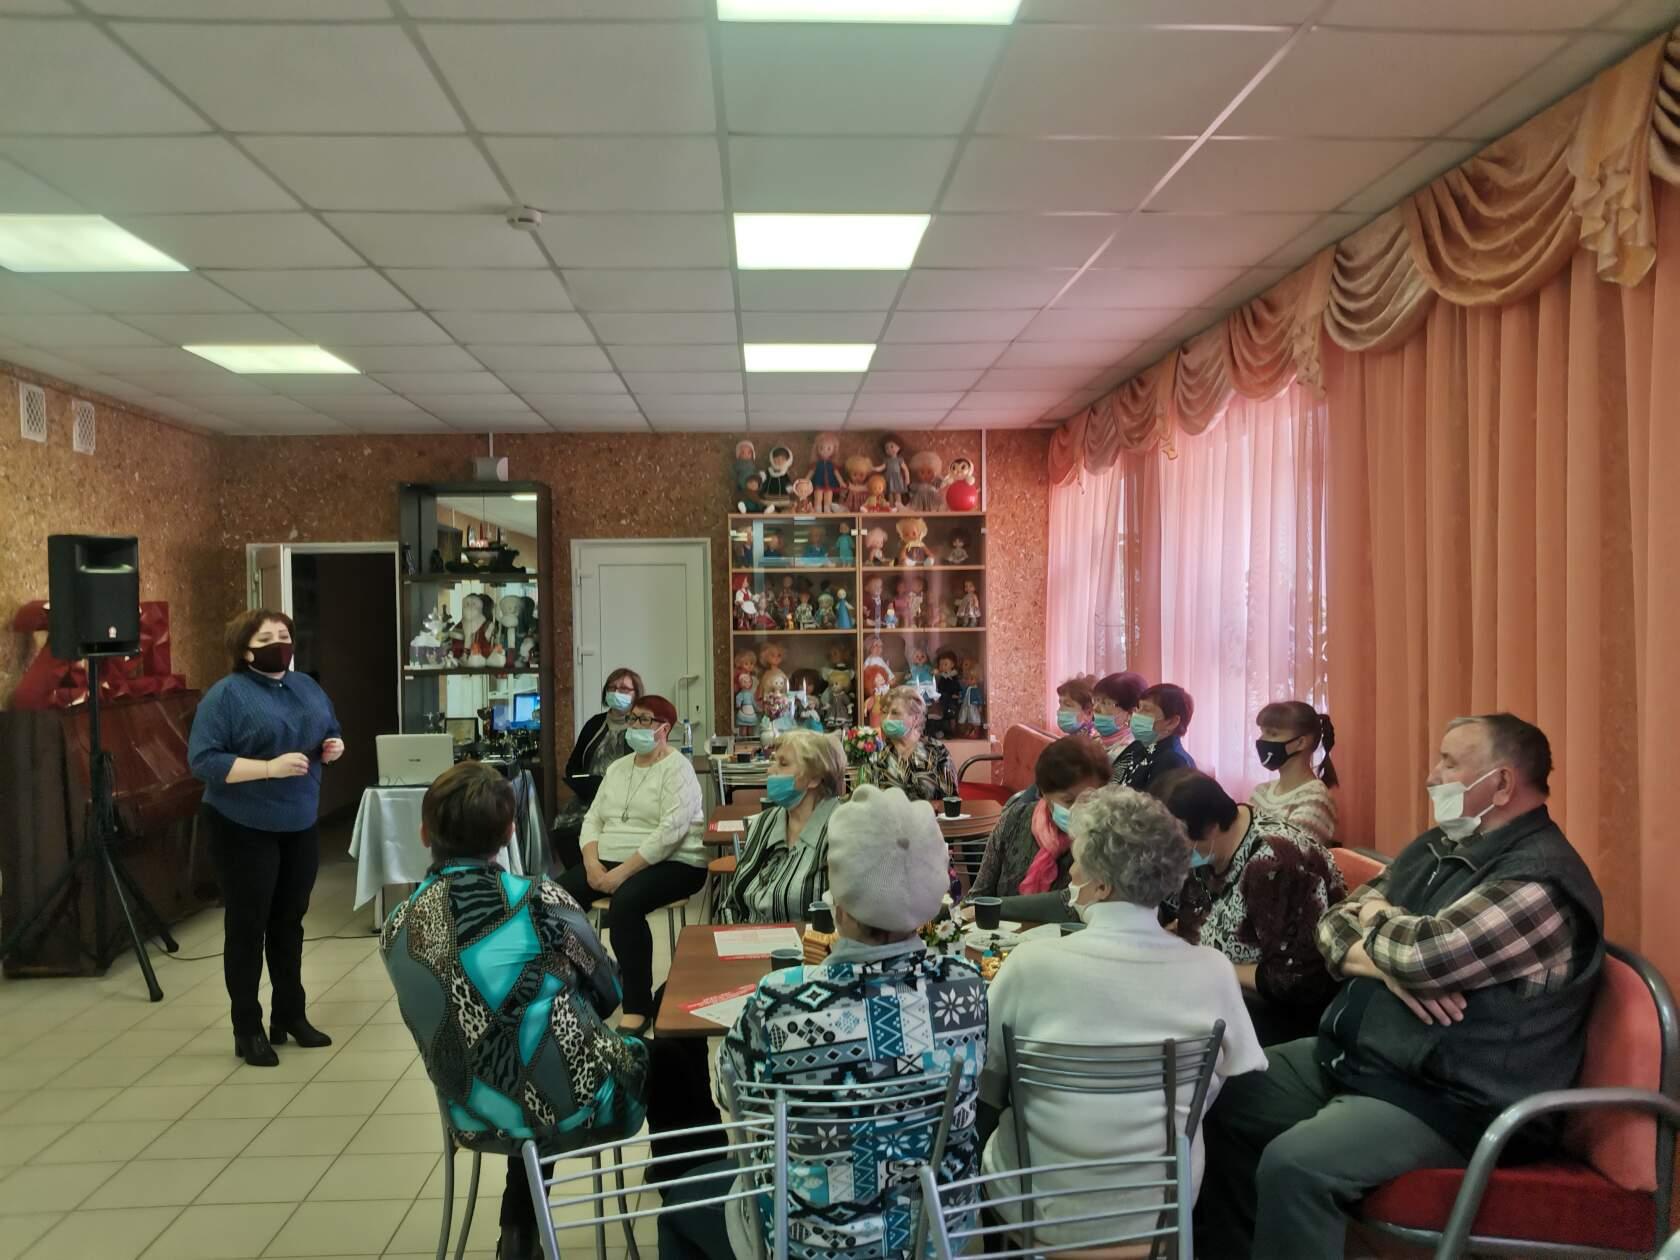 Жителям Рыбинского района рассказывают об электронном голосовании по объектам благоустройства